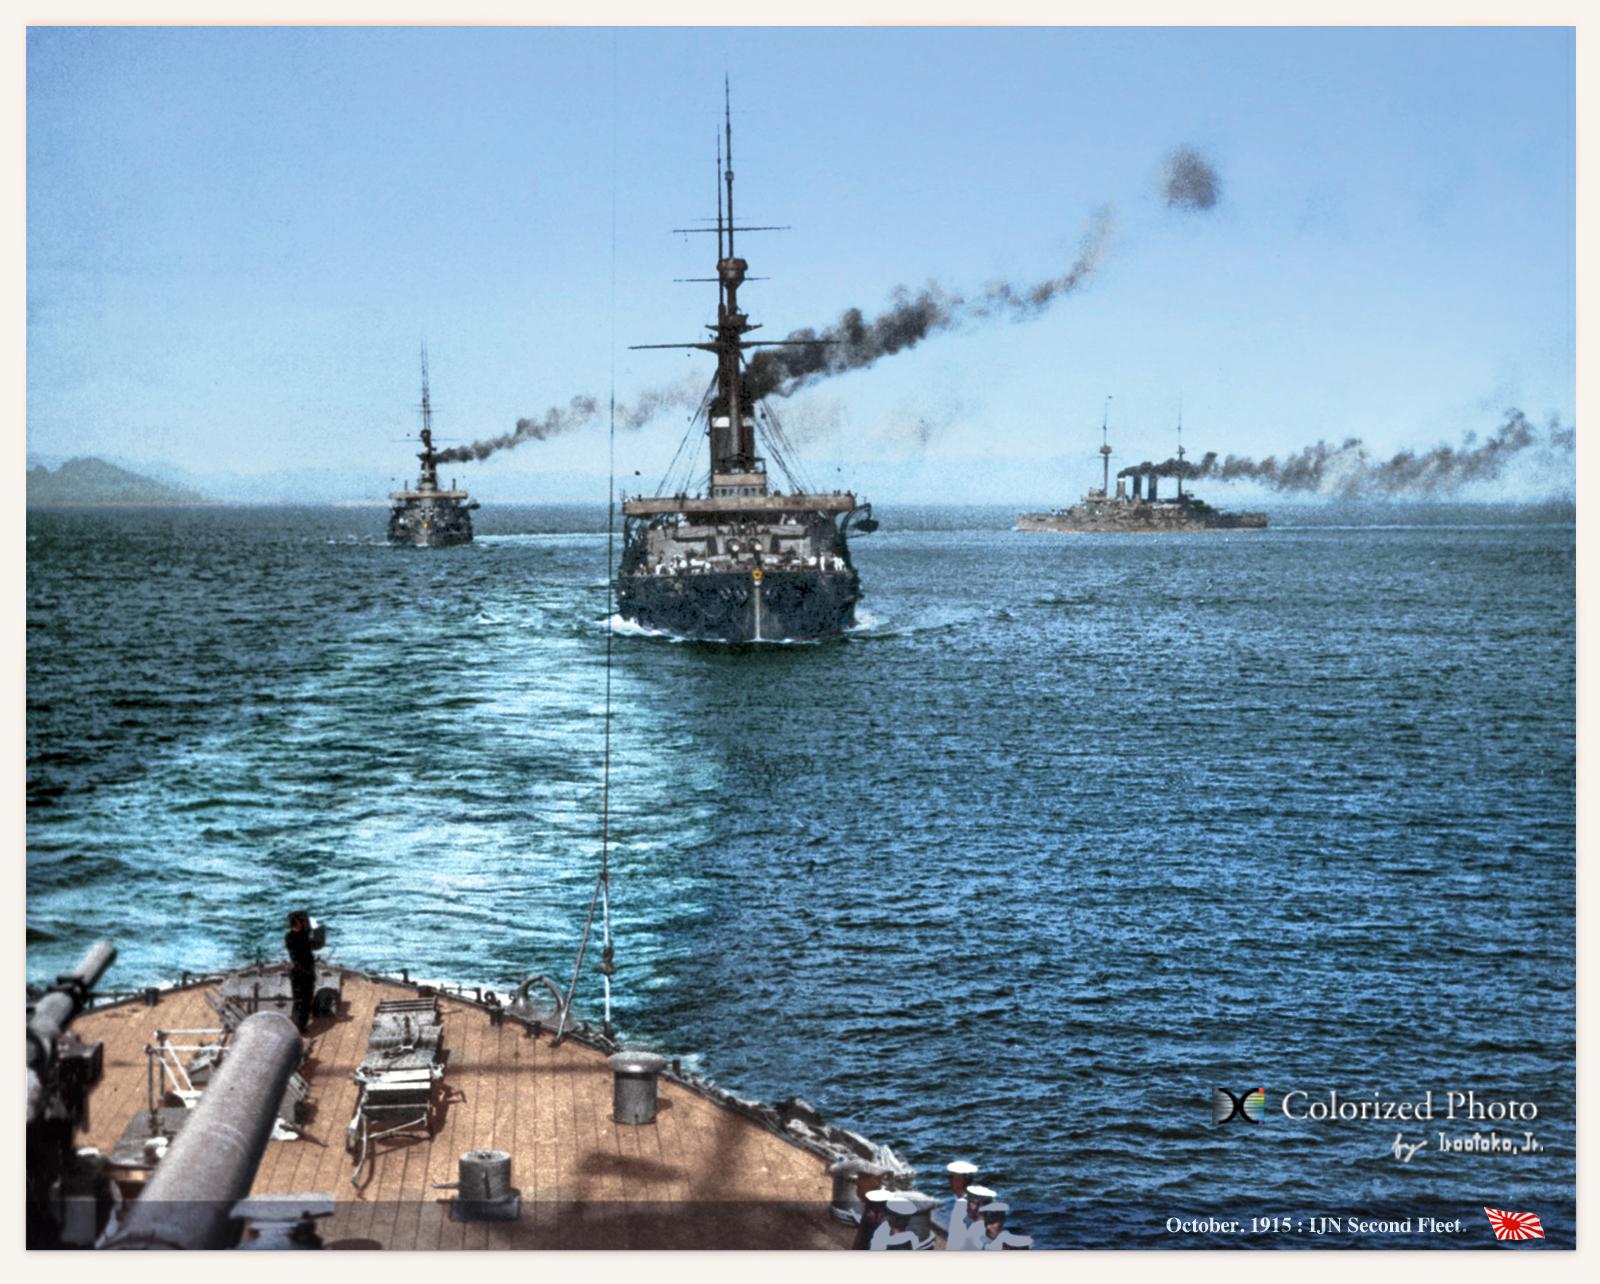 第2艦隊 The second fleet,Oct.1...